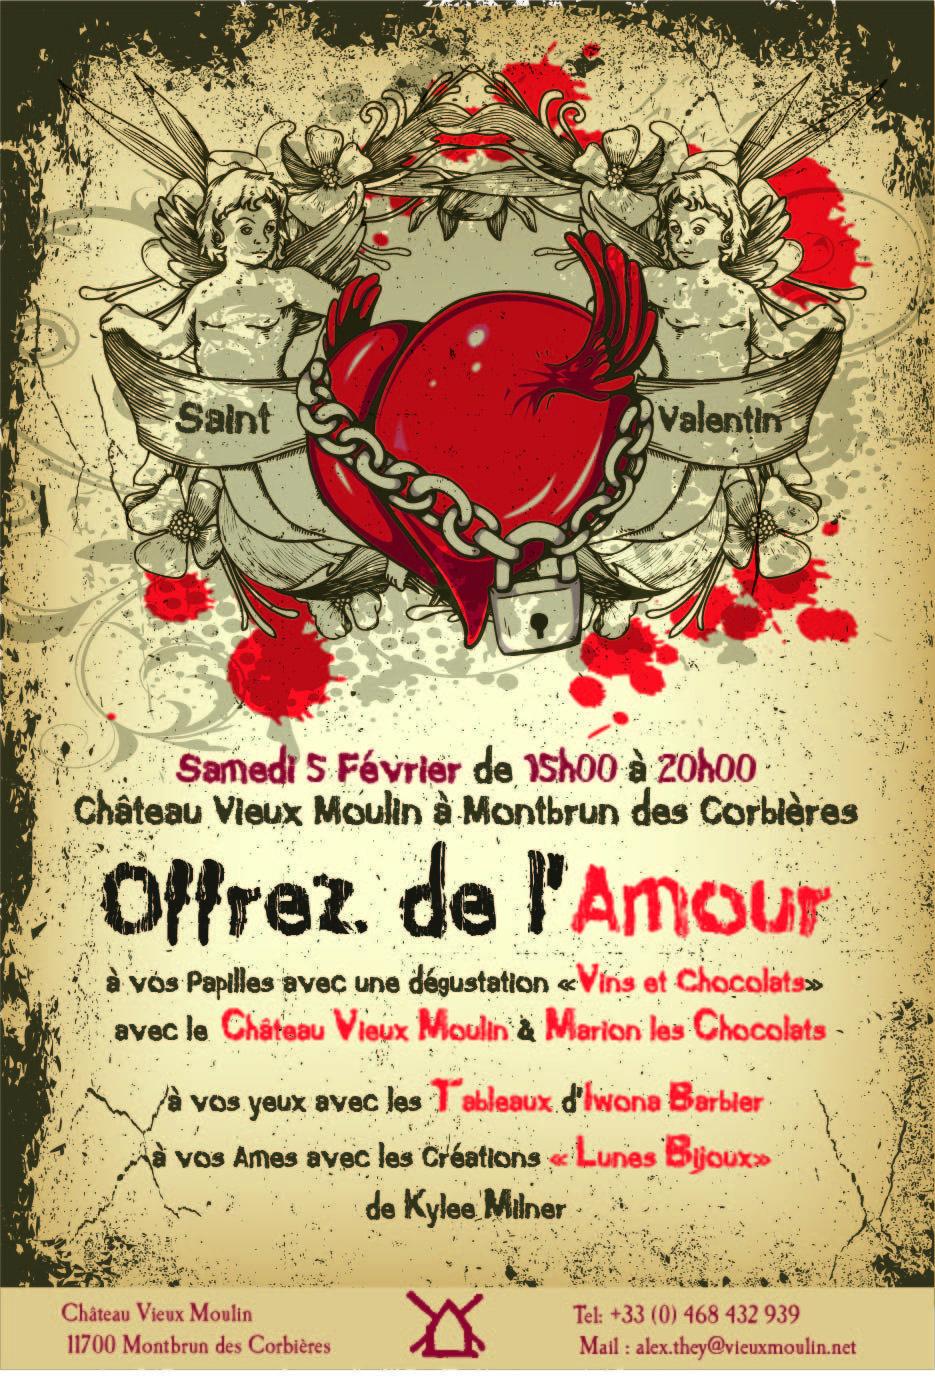 Vin Affiche Saint Valentin 2011 Chateau Vieux Moulin Vin Affiche Saint Valentin 2011 Chateau Vieux Mouli In 2020 Saint Valentine Valentine Poster Valentine Decorations